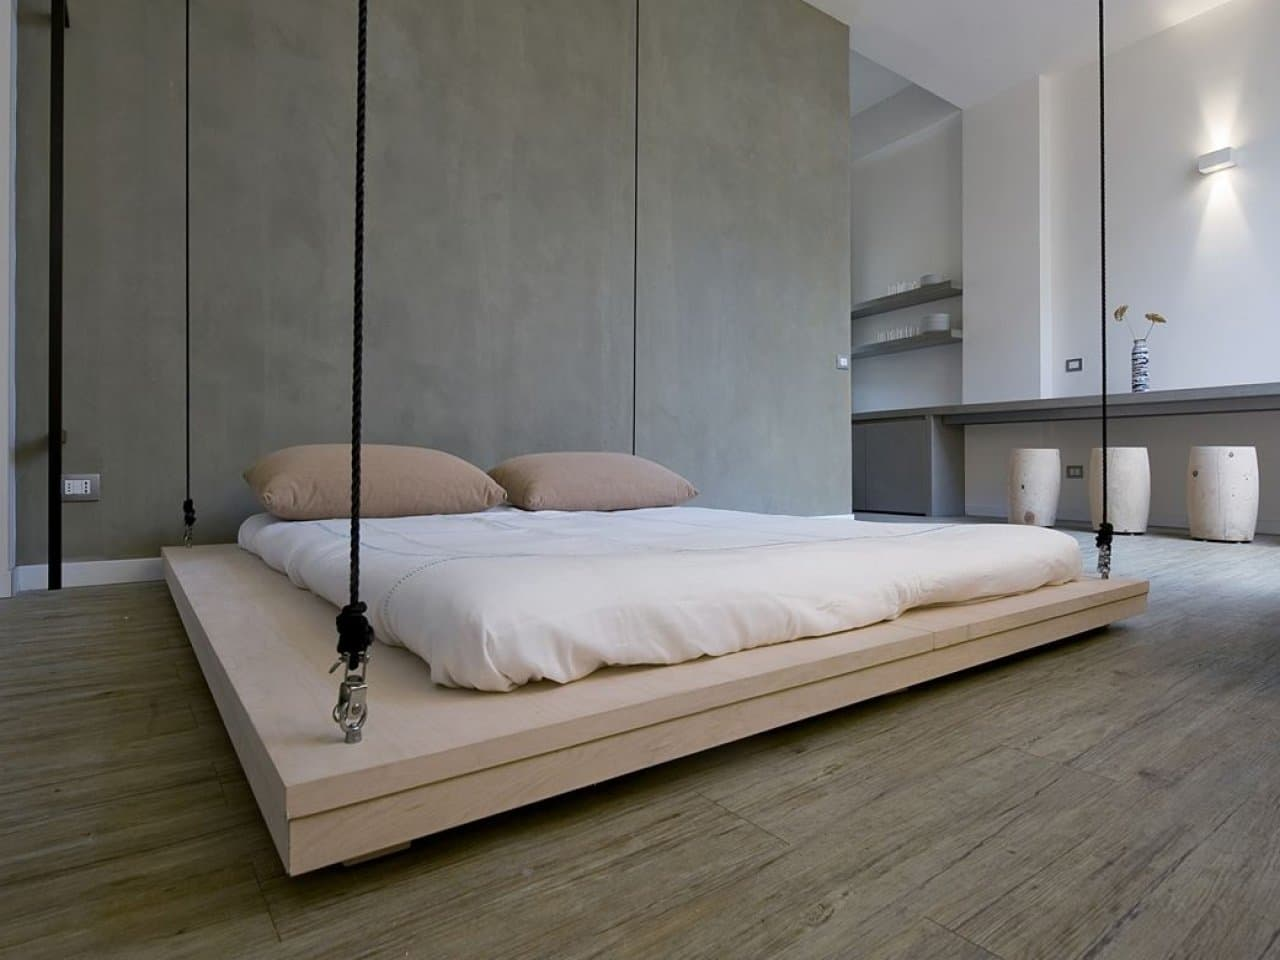 10 Fascinating Bedroom Designs. Extra minimalistic futuristic space